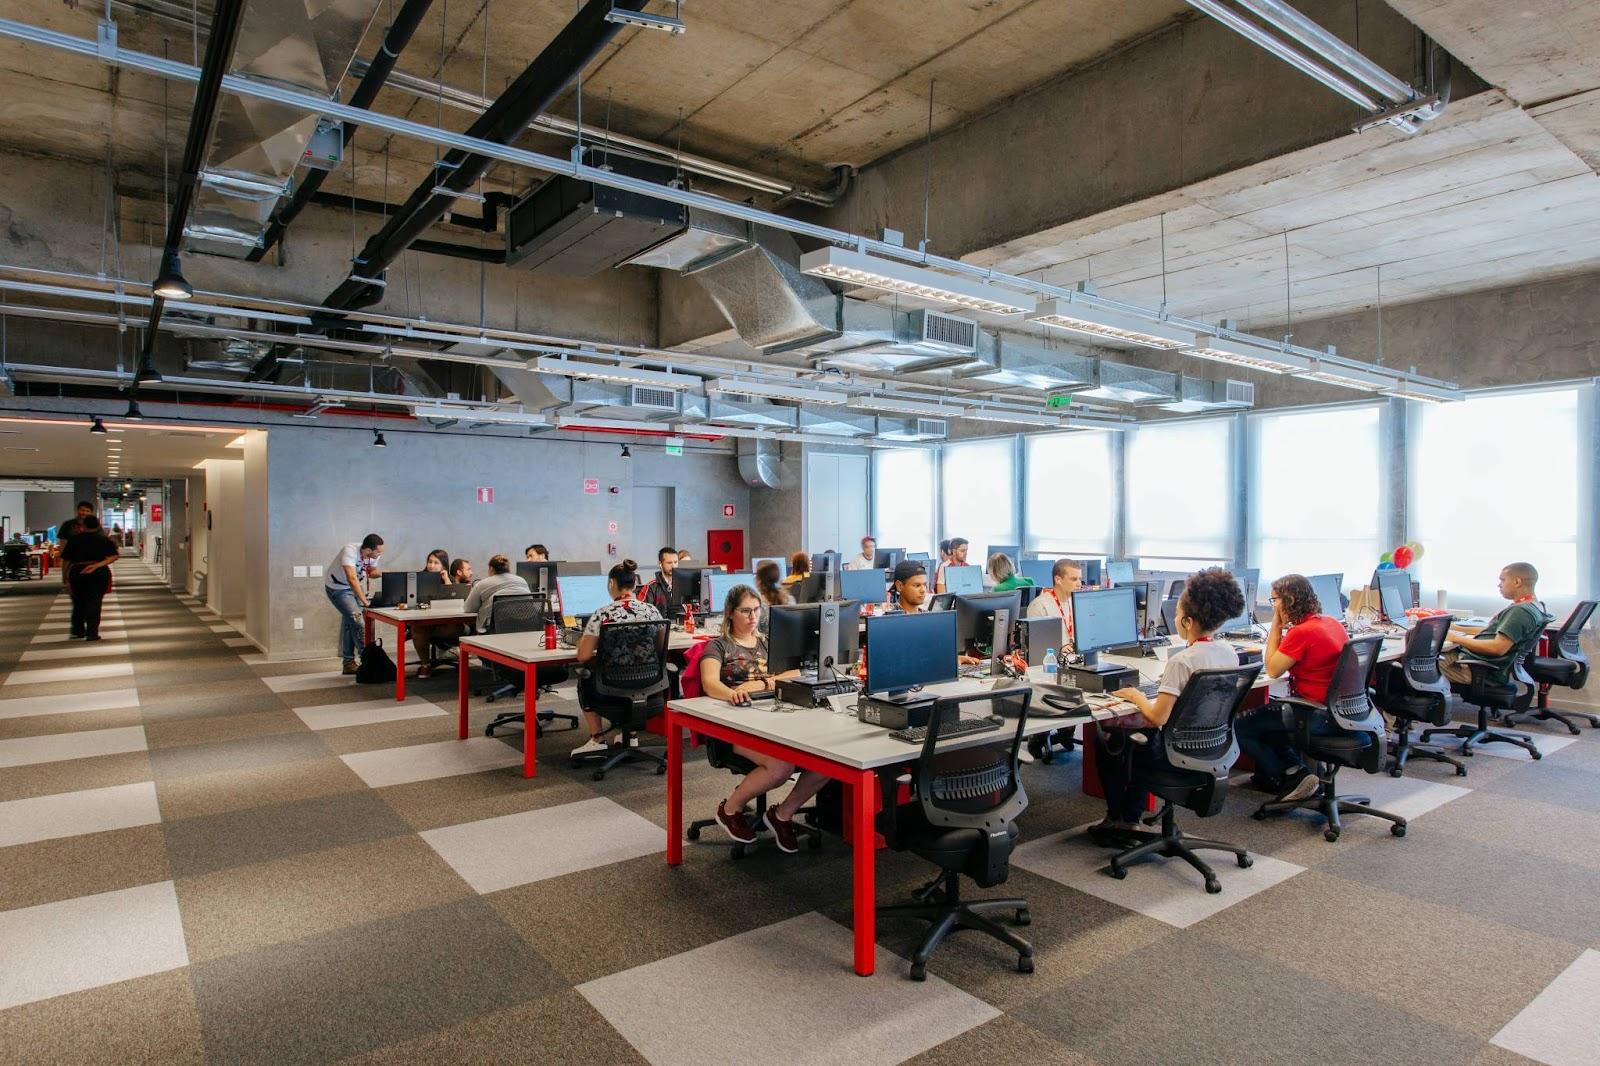 Colaboradores trabalhando em um ambiente moderno e confortável, que auxilia na qualidade de vida no trabalho